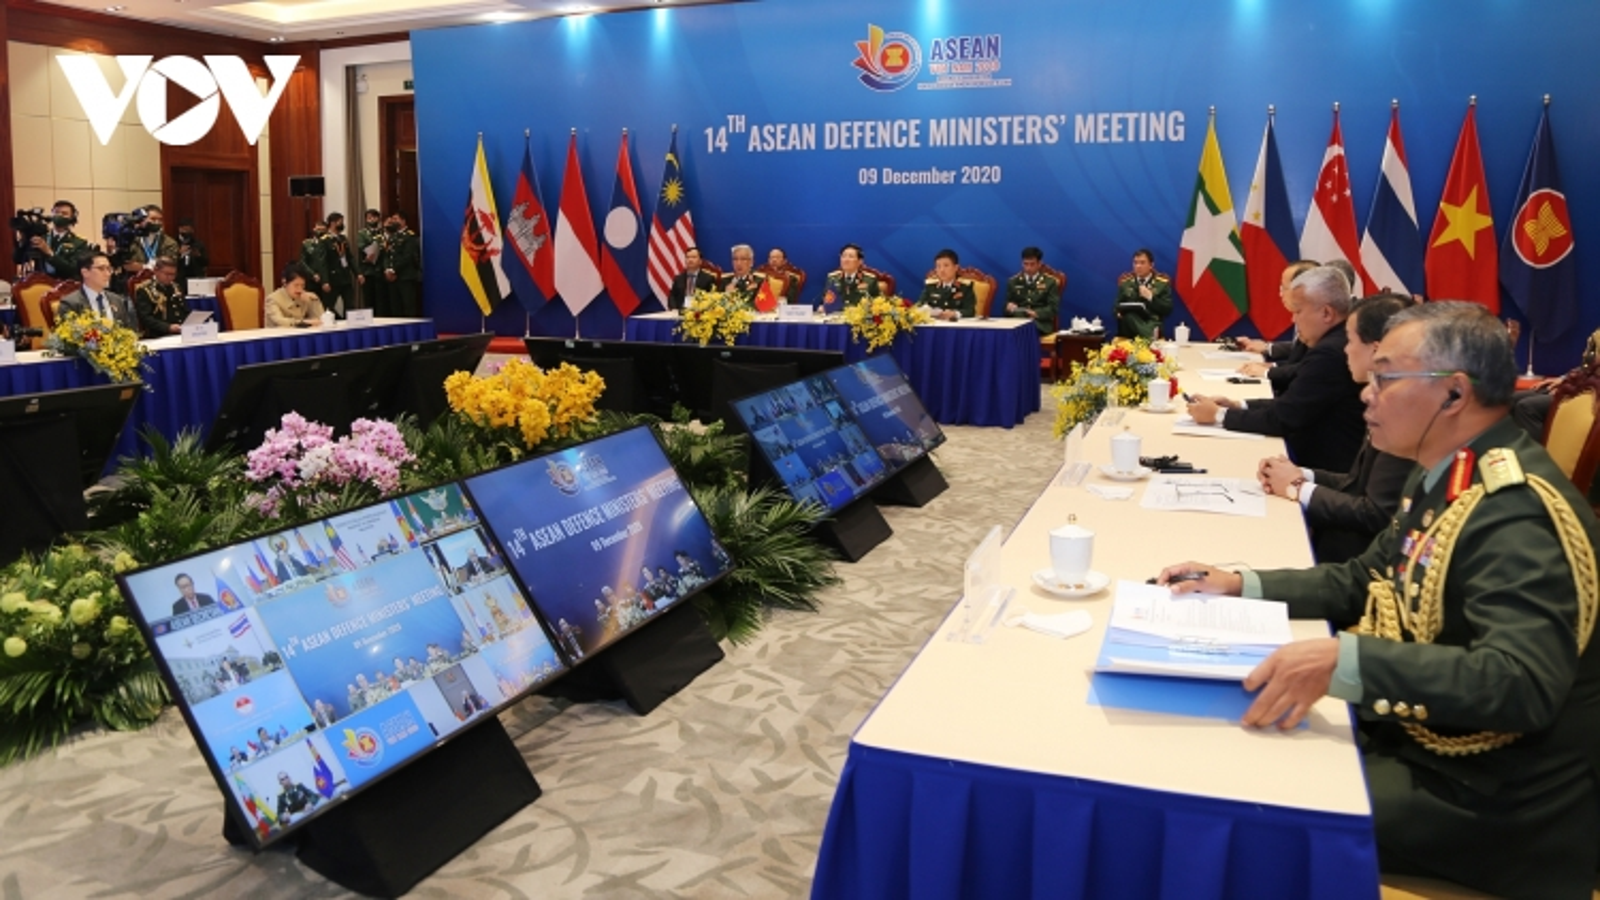 Hoa Kỳ, Trung Quốc, Nhật Bản ủng hộ vai trò trung tâm của ASEAN